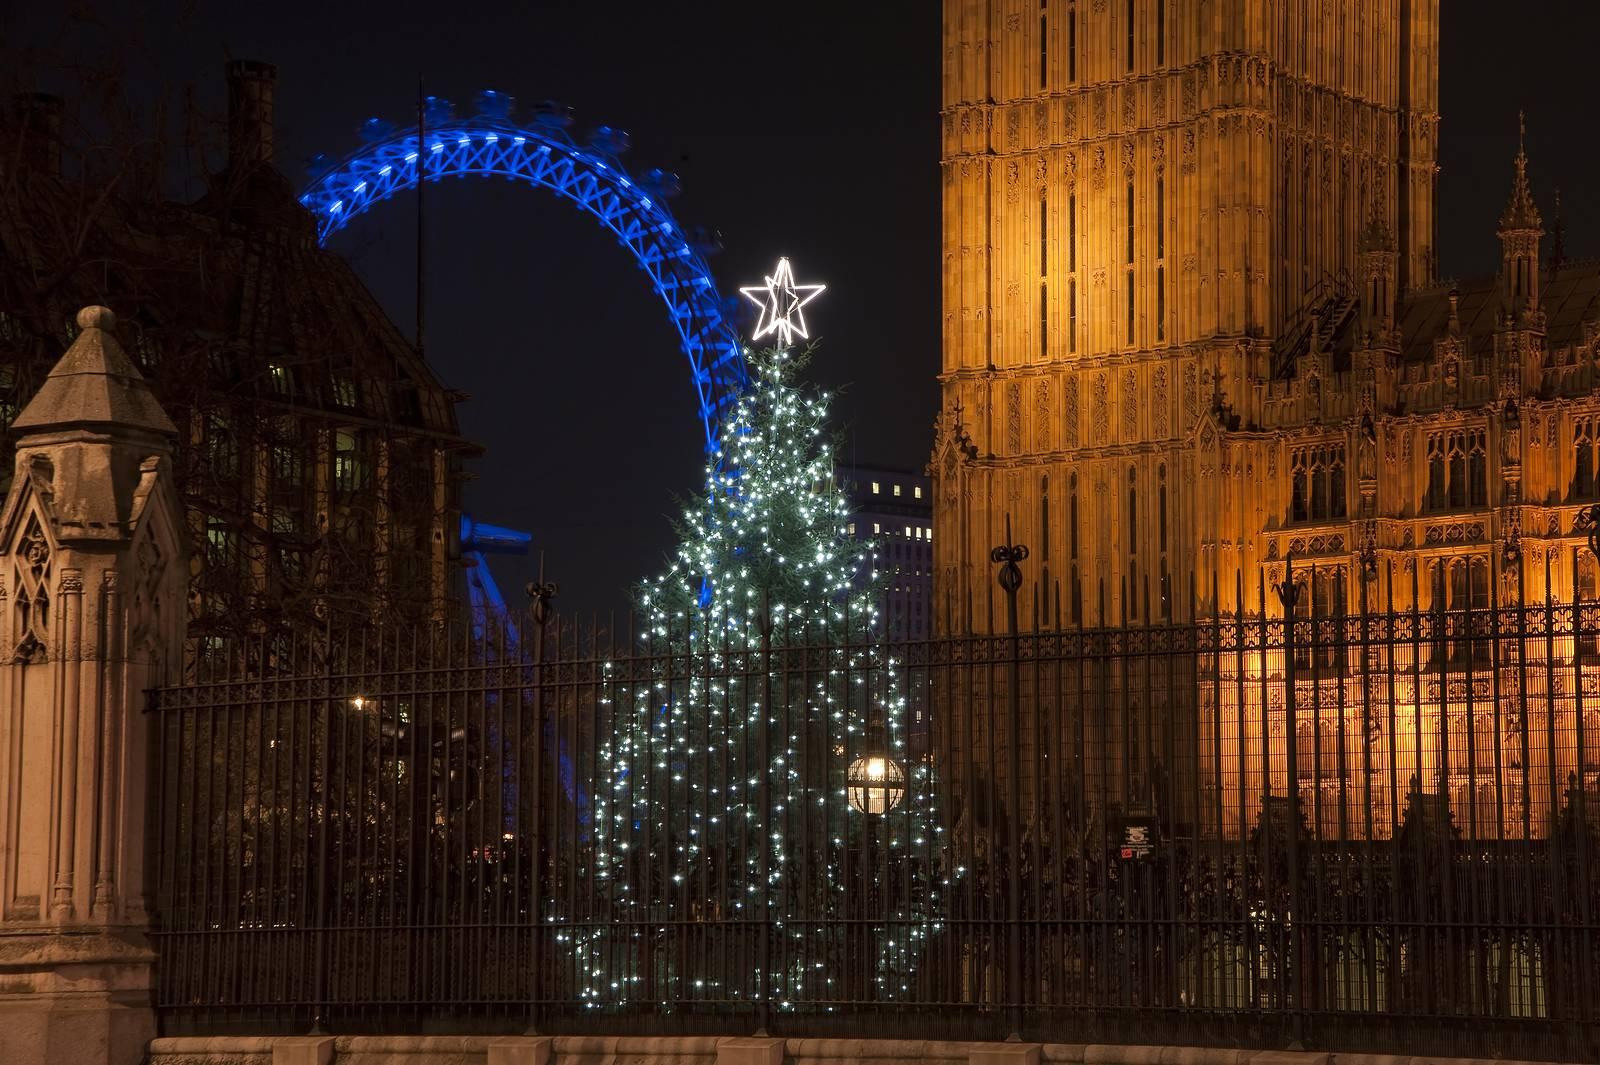 Imagen del árbol de Navidad en el exterior del Parlamento